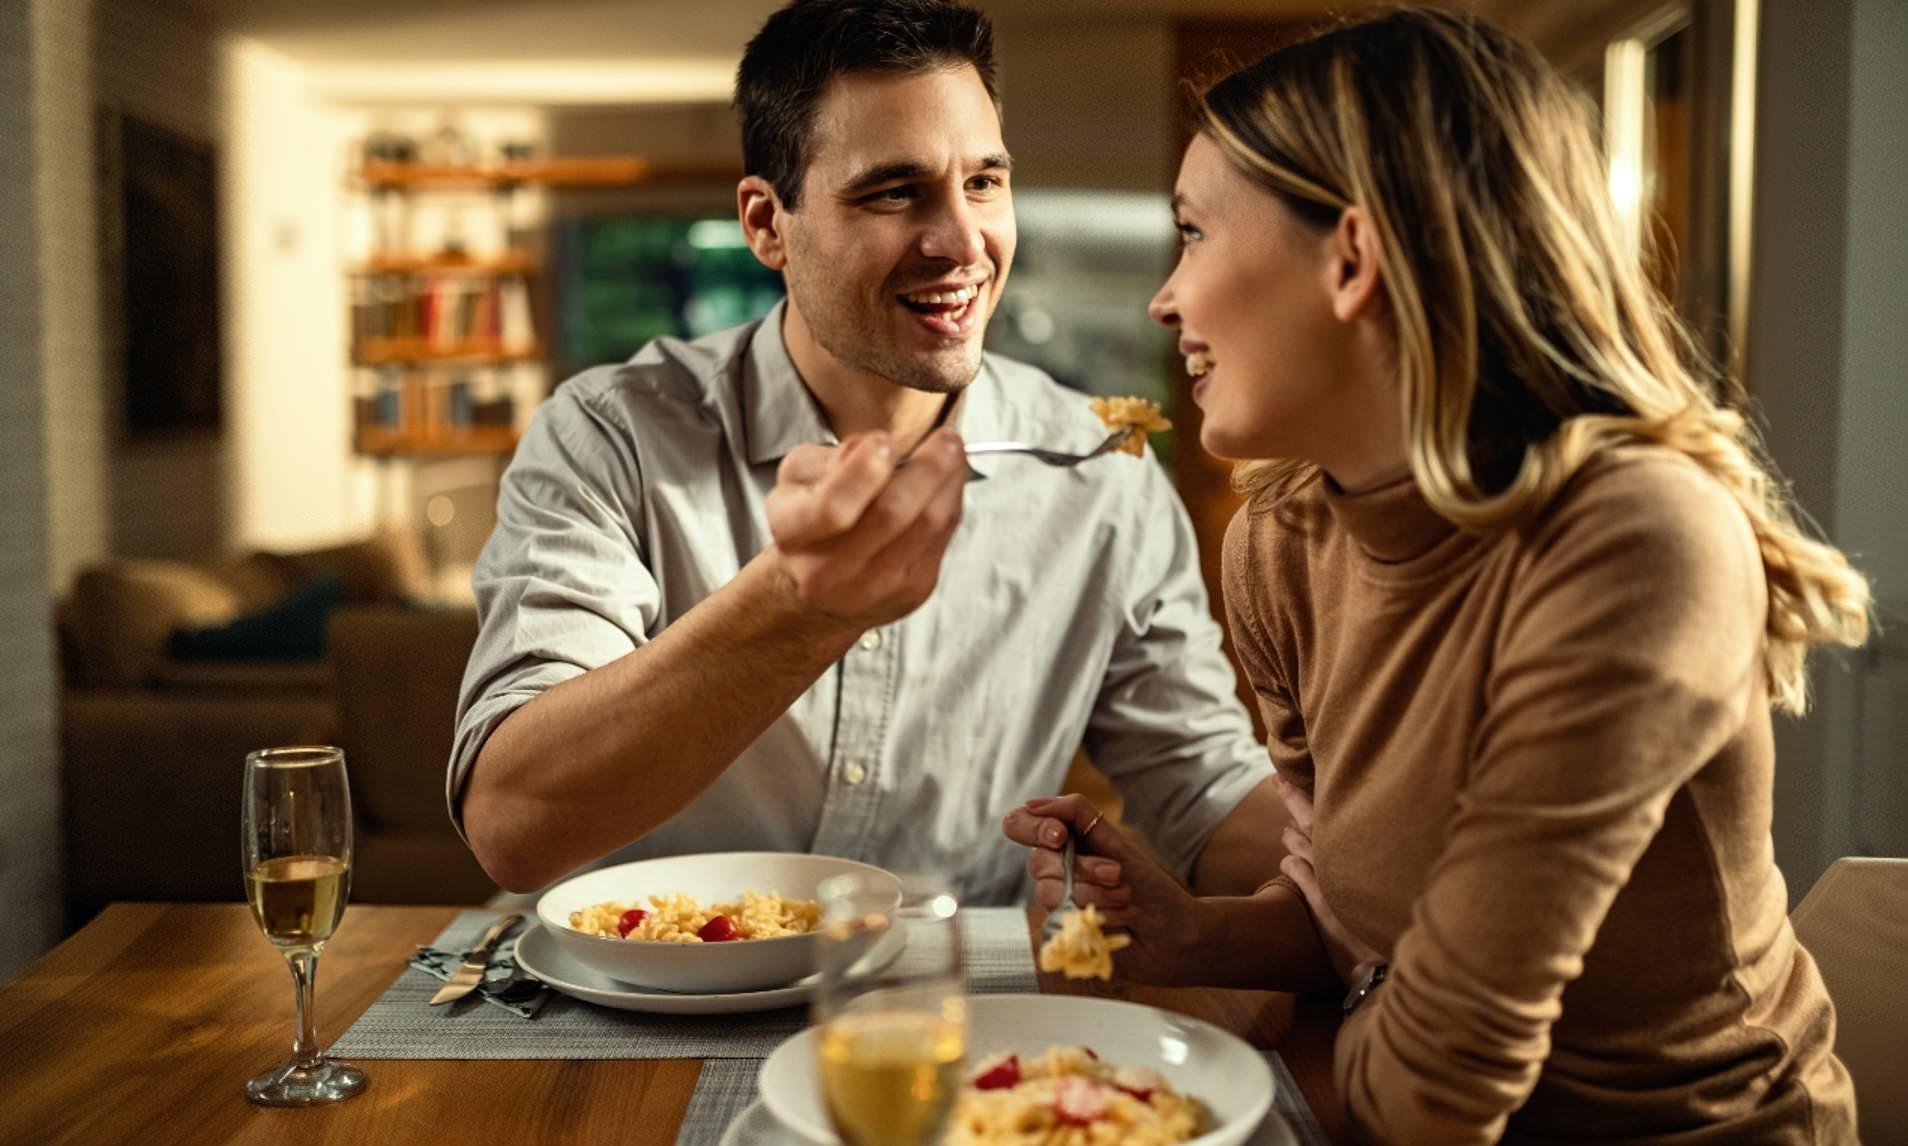 Готовые пробовать новую еду партнеры оказались более сексуально привлекательными